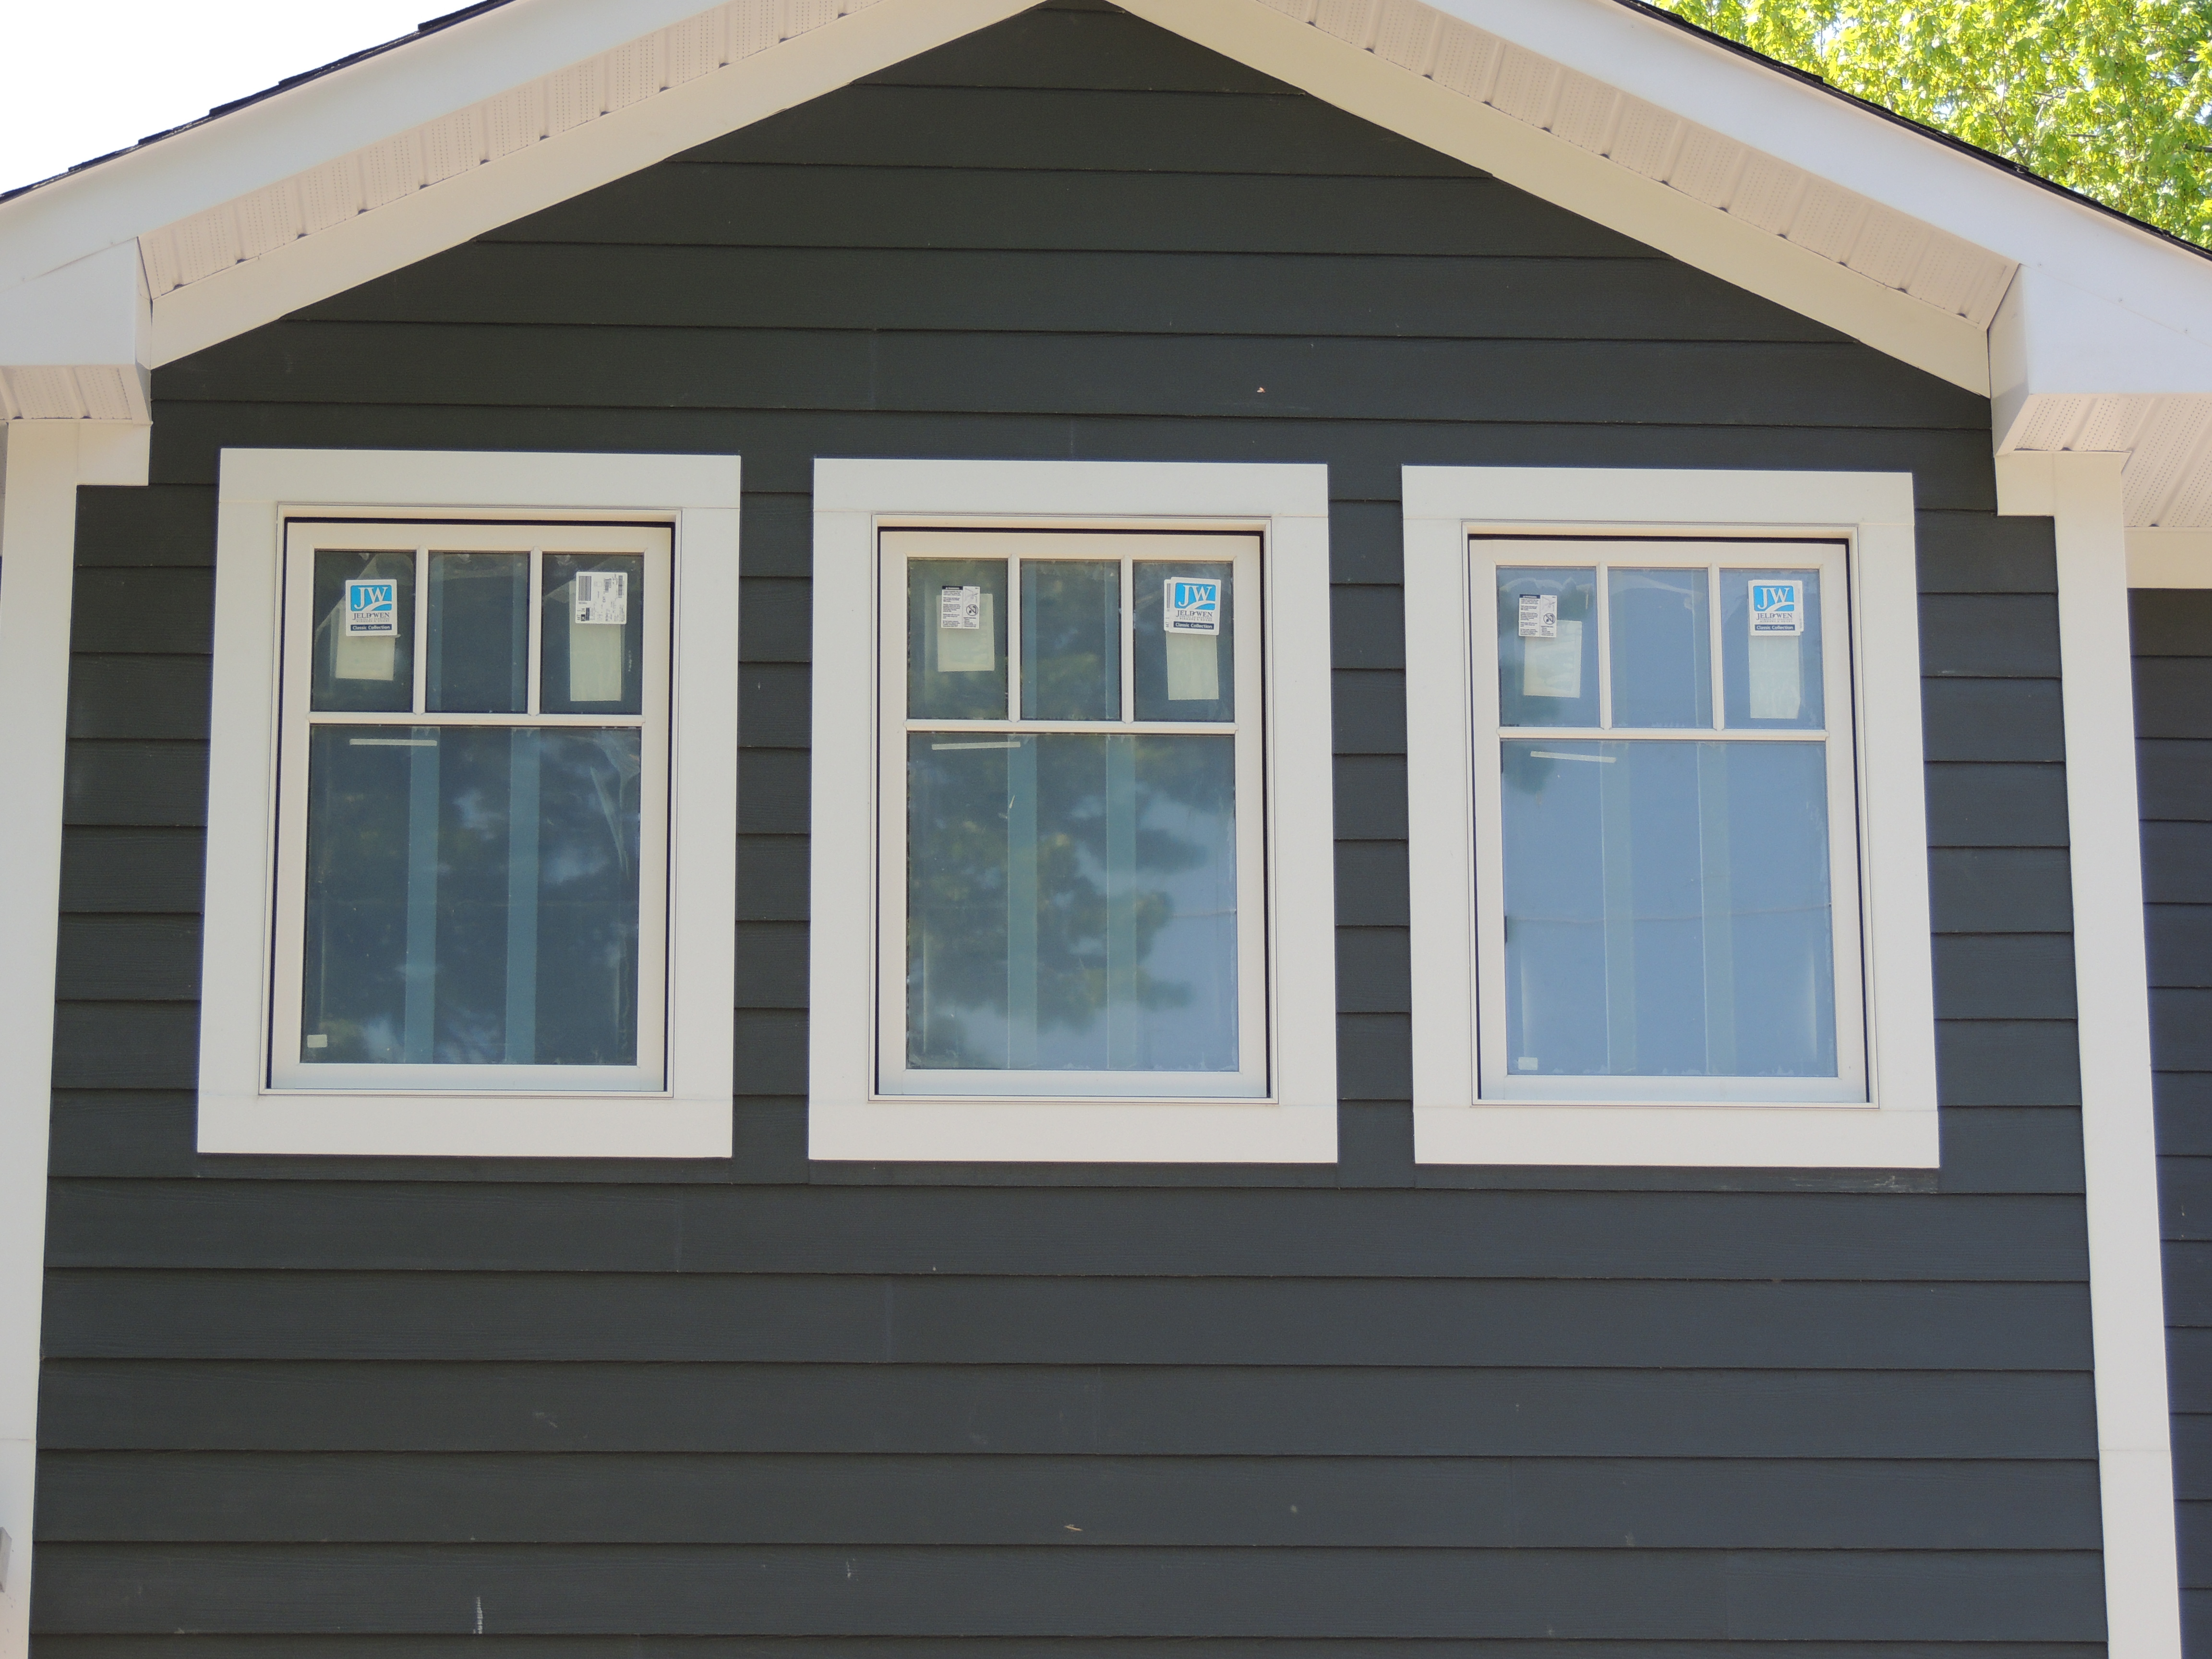 Jeld-Wen Clad Casement Windows